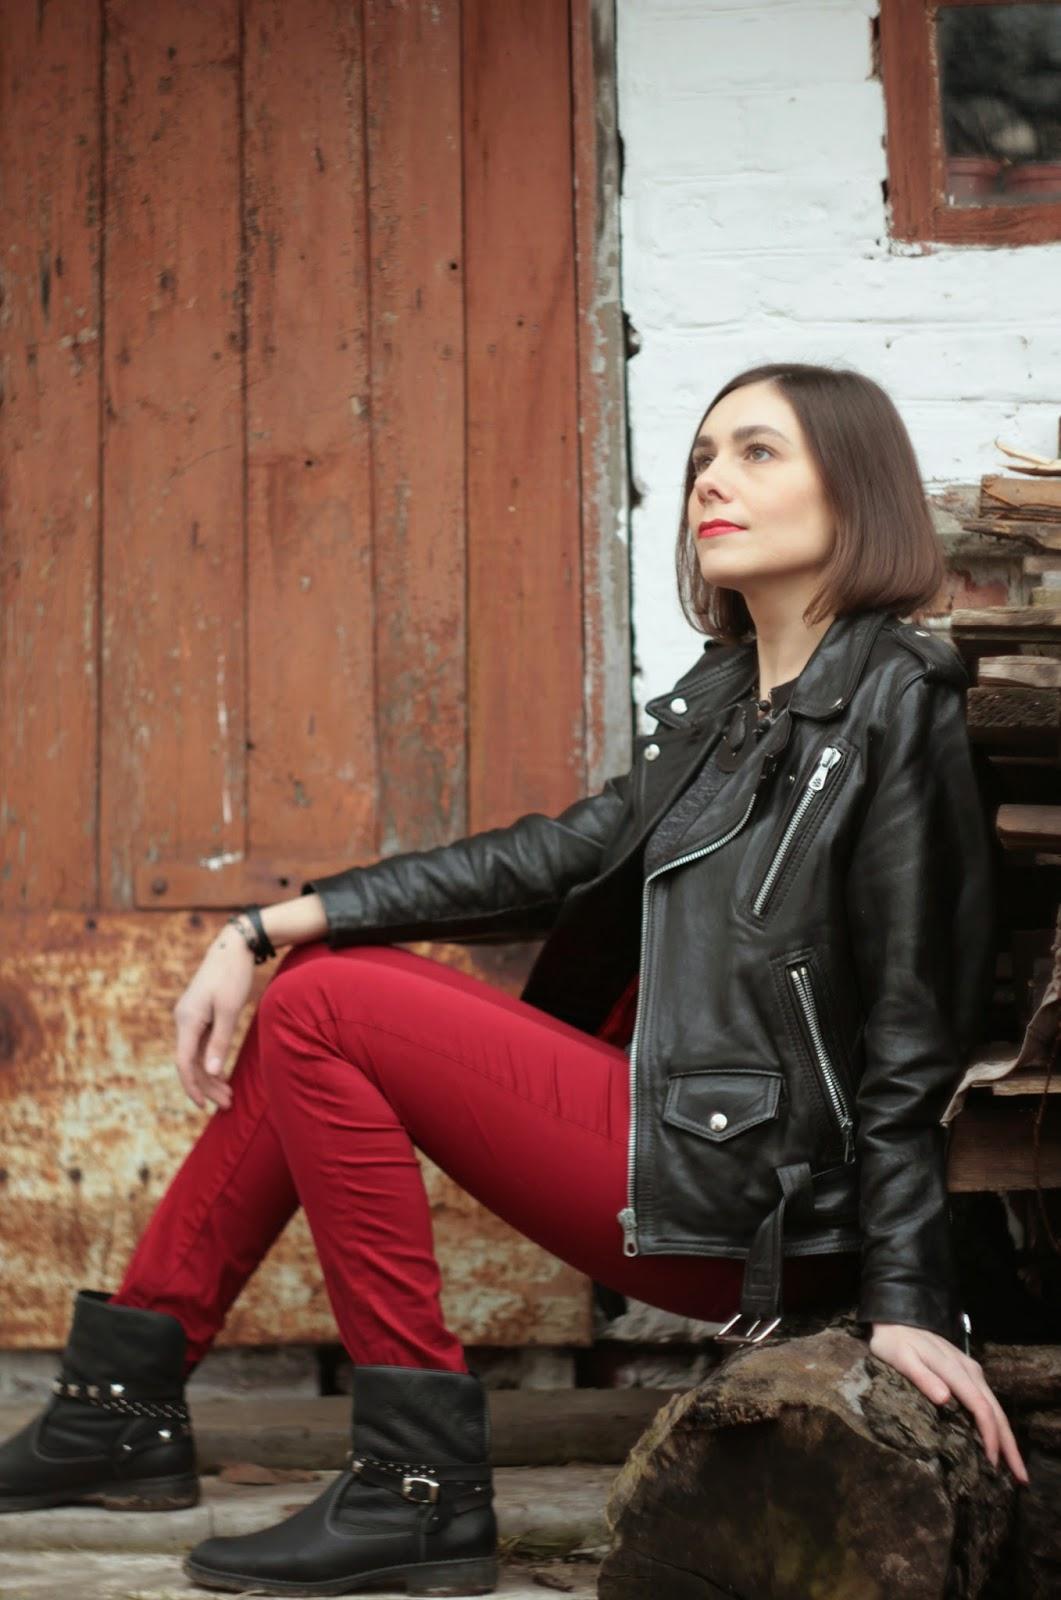 на модели, украшения, кожа, байкер стиль, рок стиль, колье из кожи, черный, красный